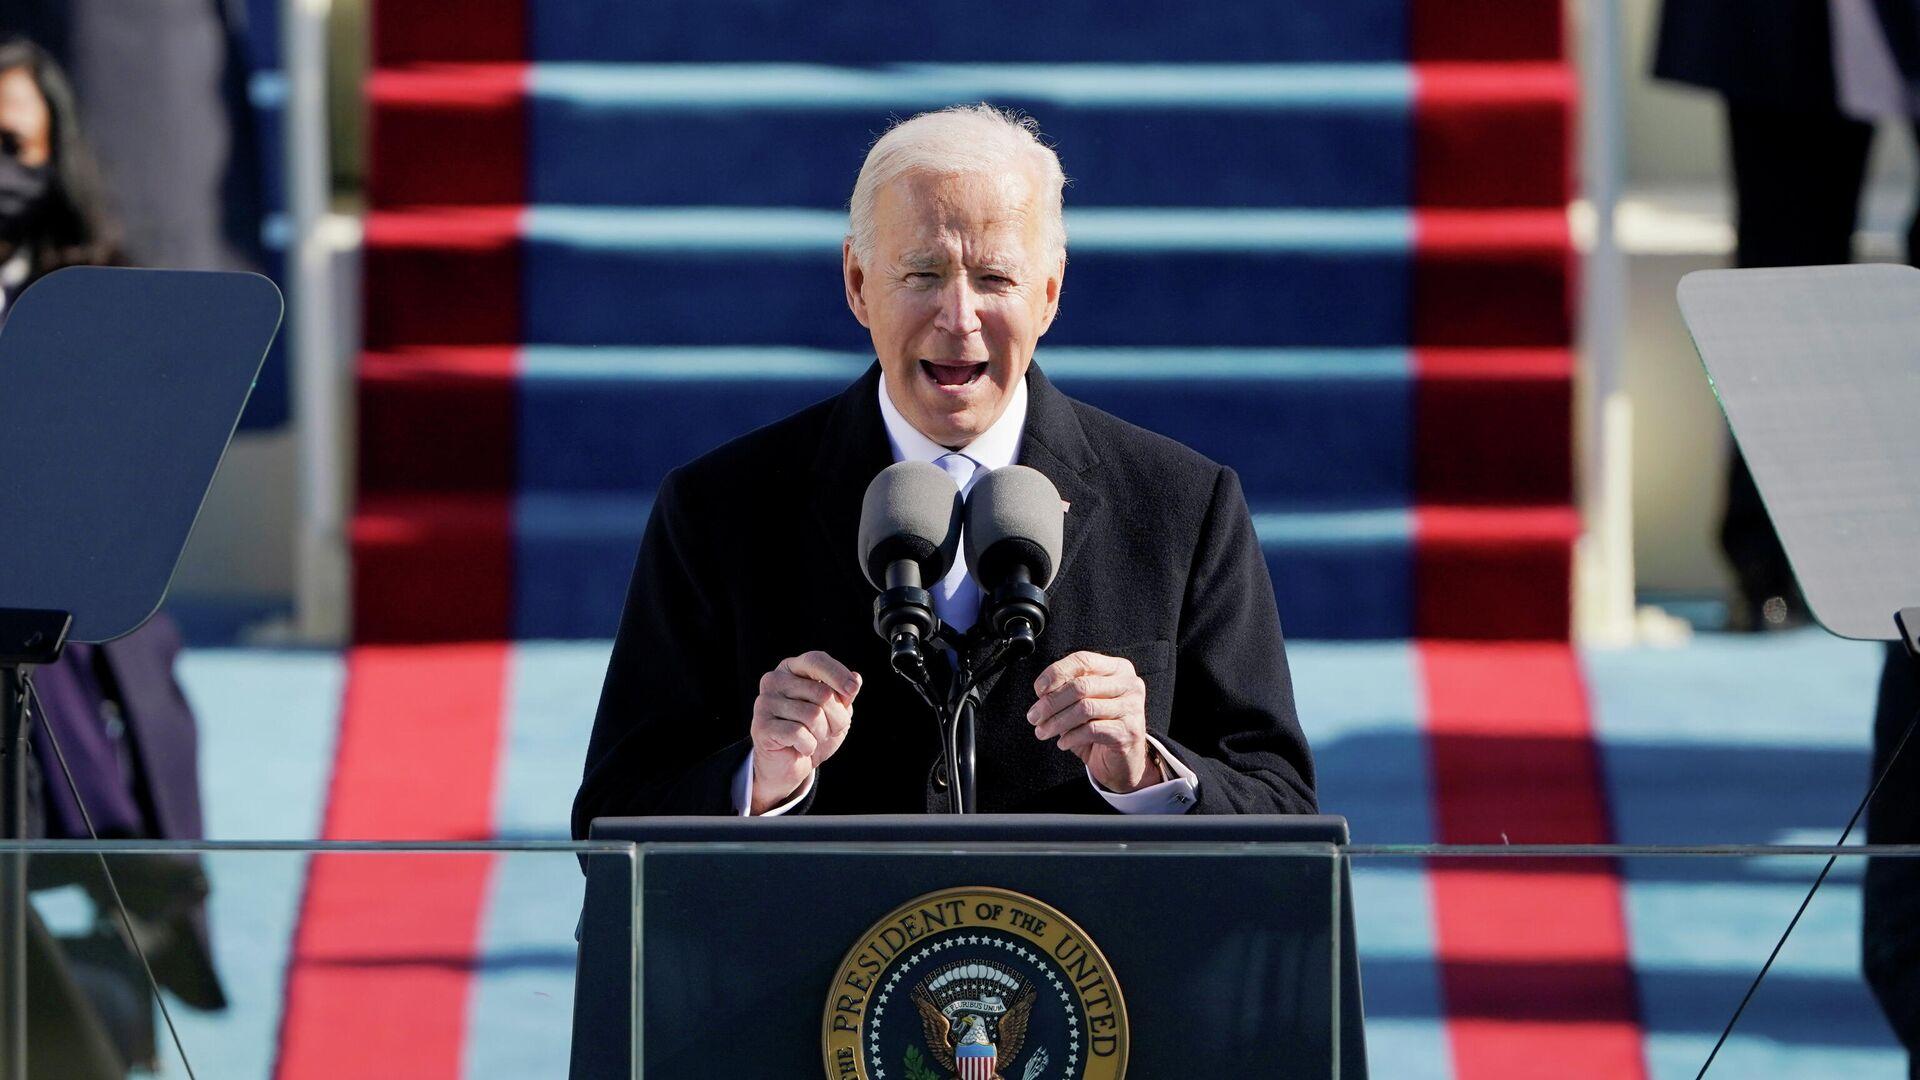 Джо Байден произносит речь, после вступления в должность президента США - РИА Новости, 1920, 20.01.2021